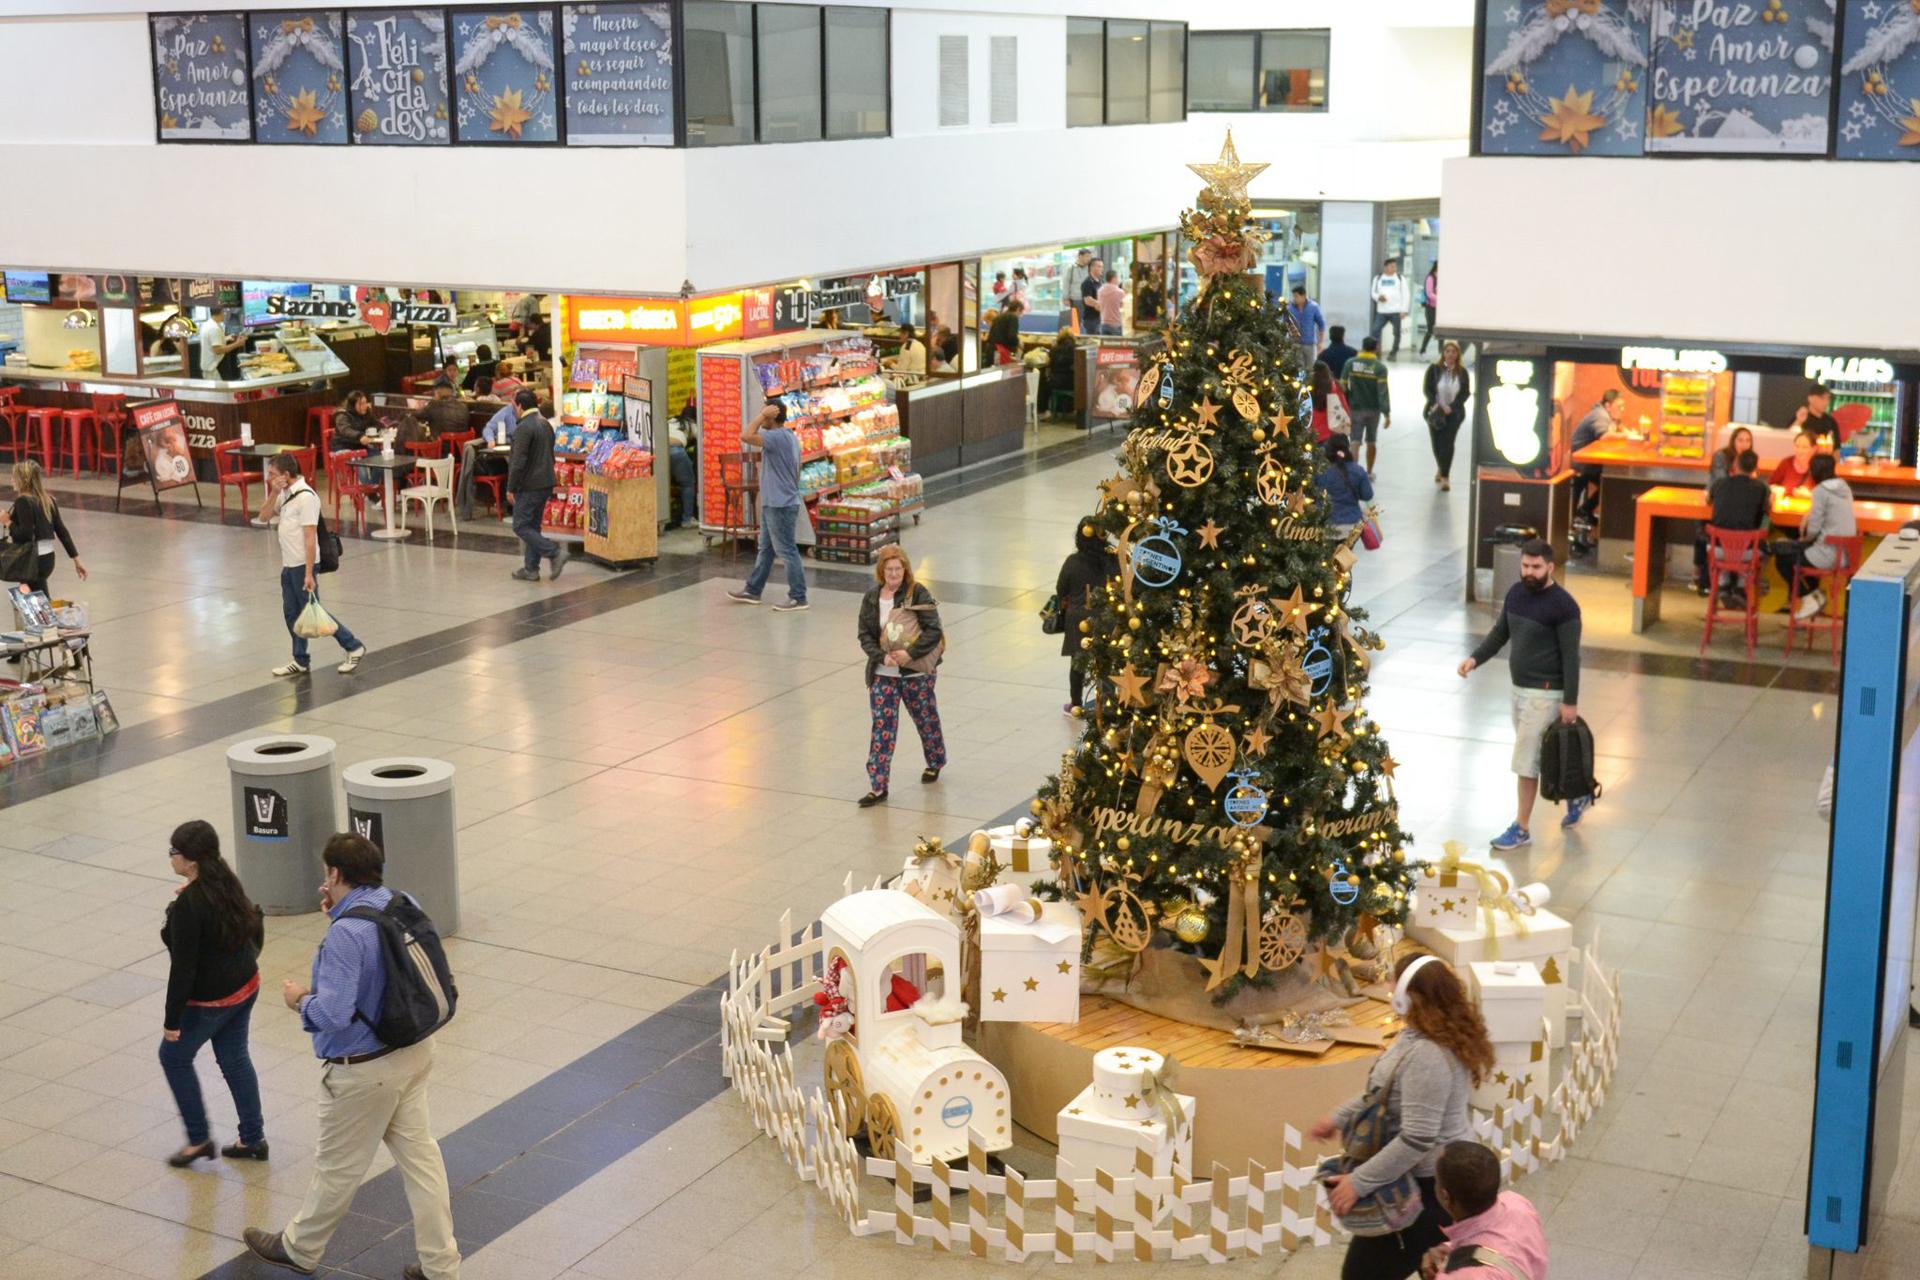 Seis metros, así es el árbol navideño de la estación de Once